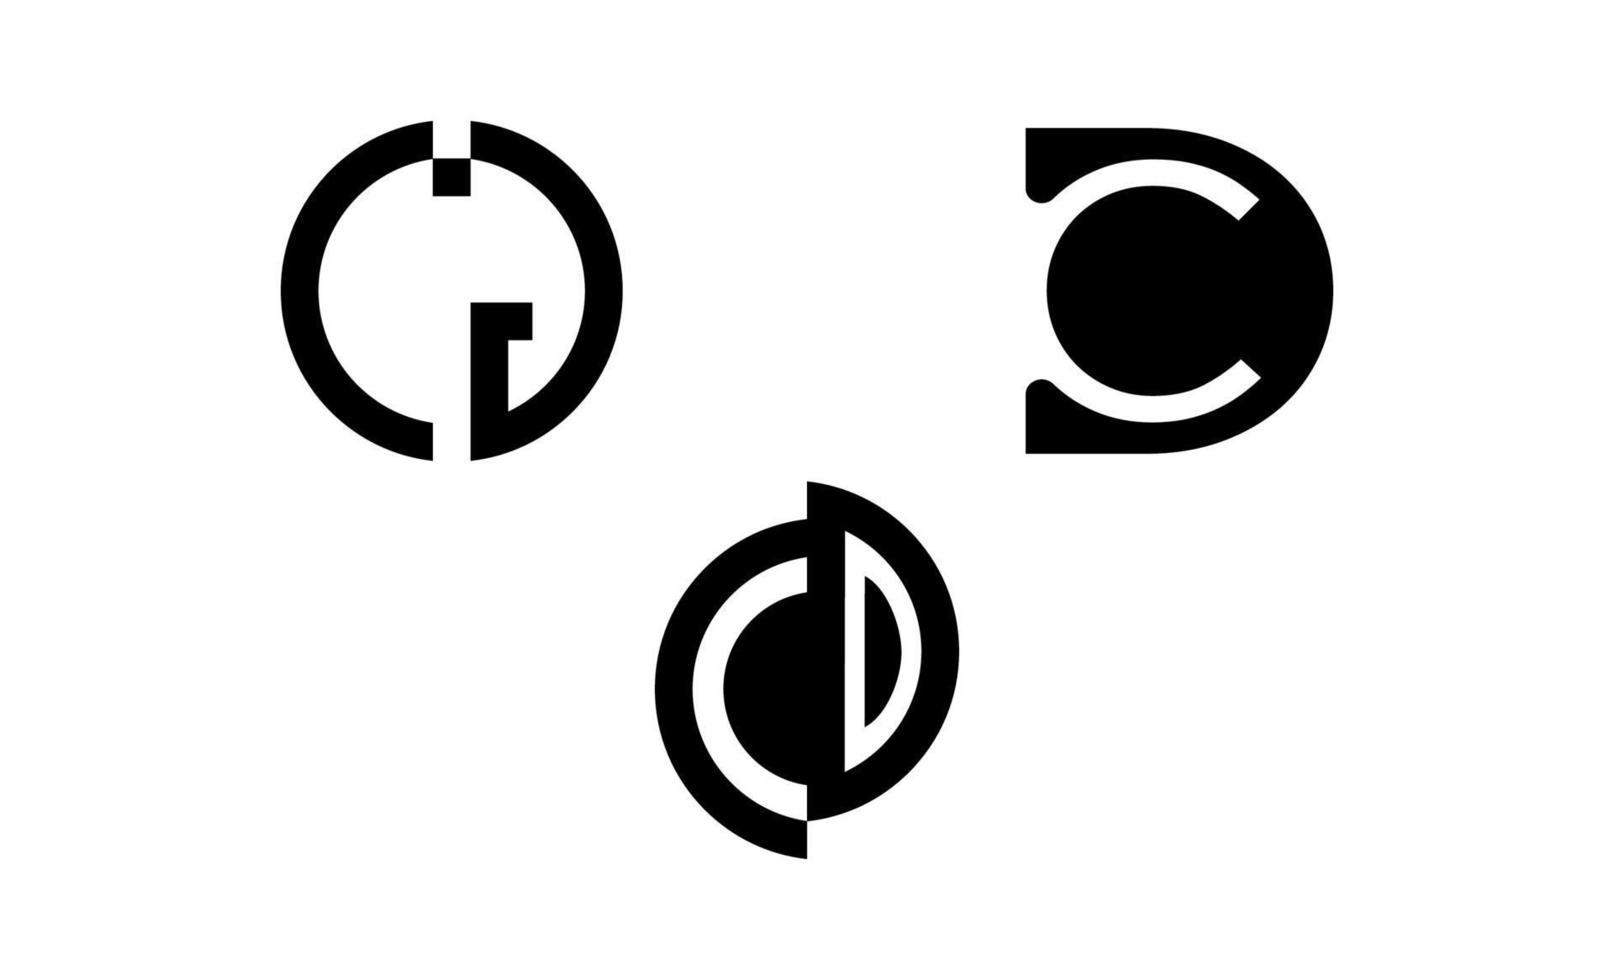 första cd-logotypen vektorillustration vektor